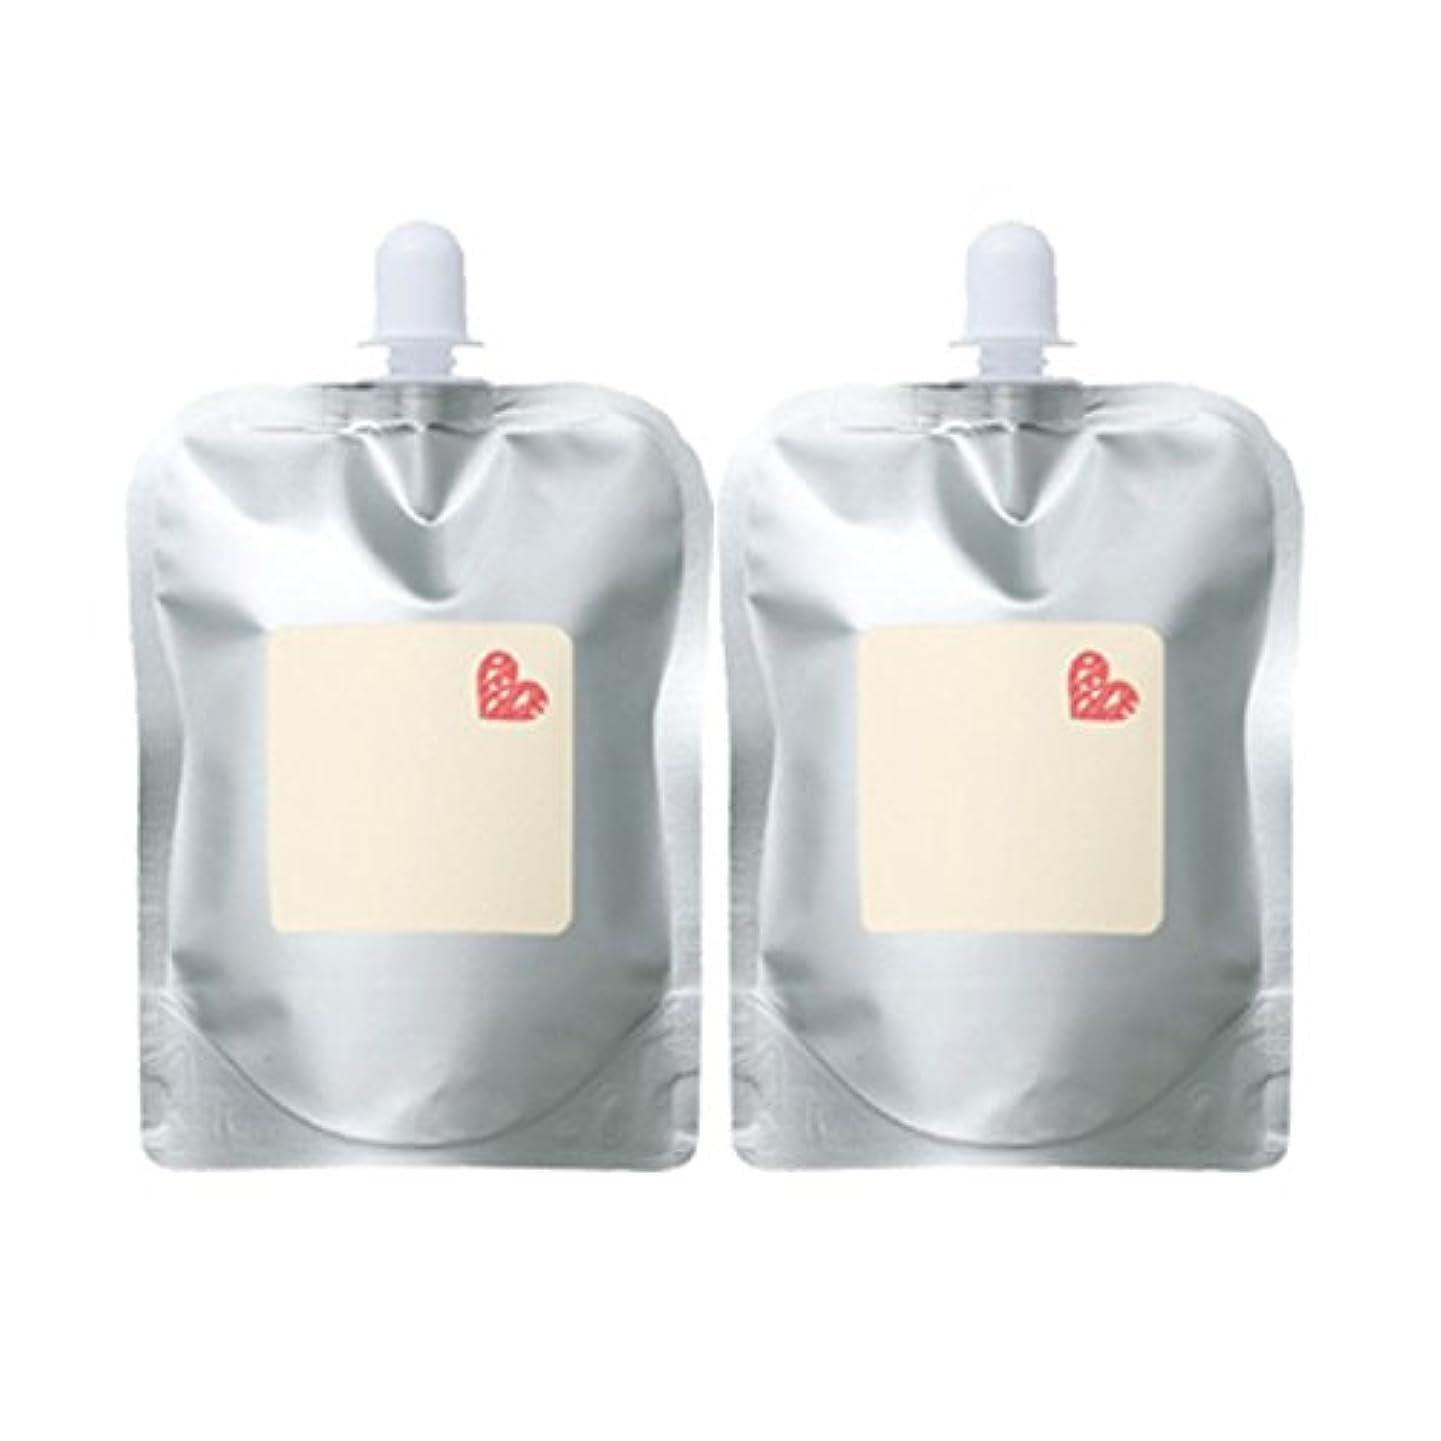 ペダル暴力的な消毒する【x2個セット】 アリミノ ピース ナチュラルウェーブ ホイップ 400g 詰替え用